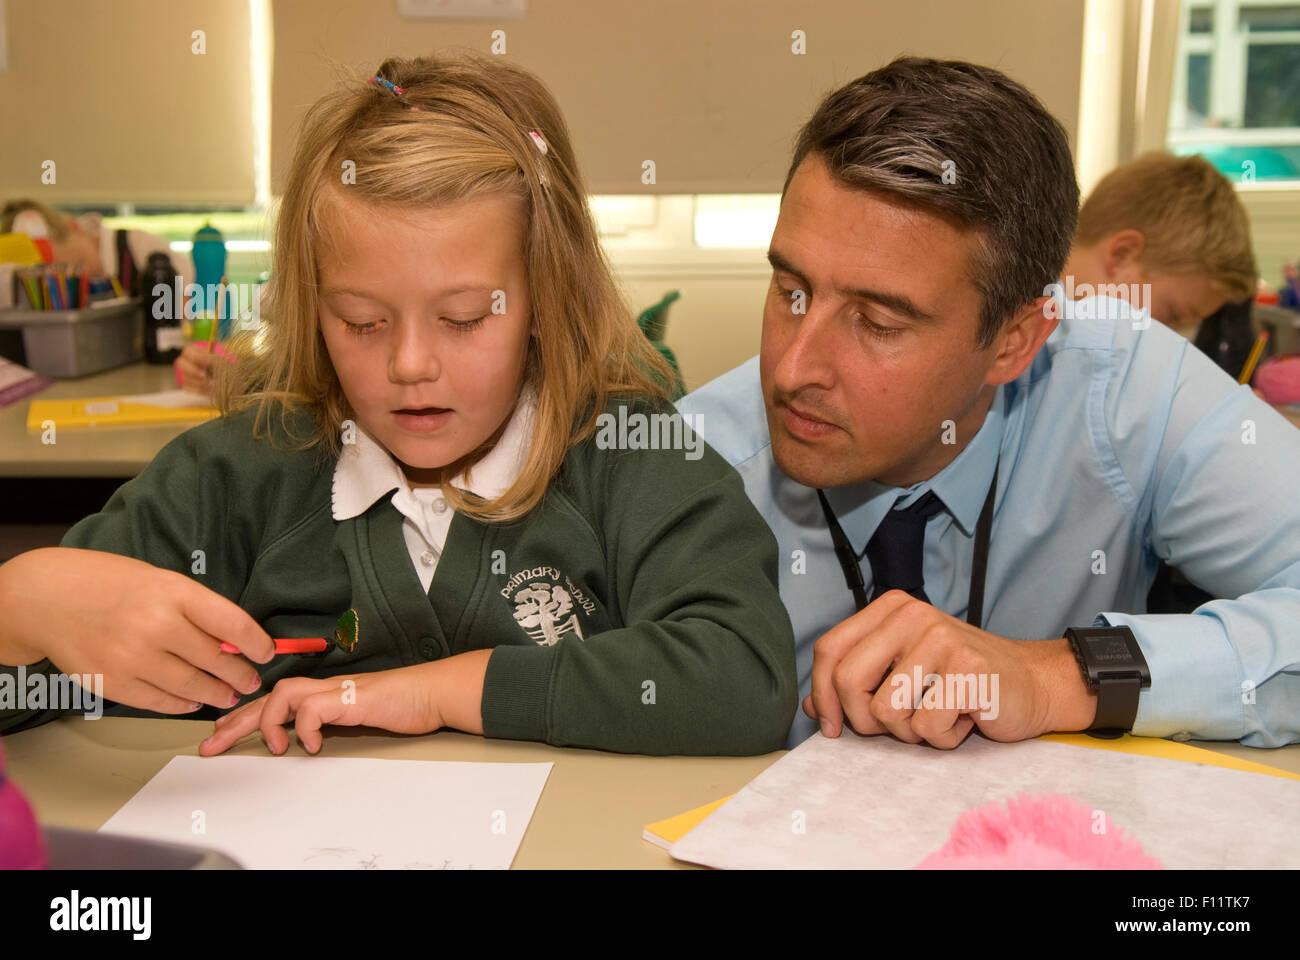 Grundschullehrerin Unterstützung der Schüler im Klassenzimmer, Midlands, UK. Stockbild